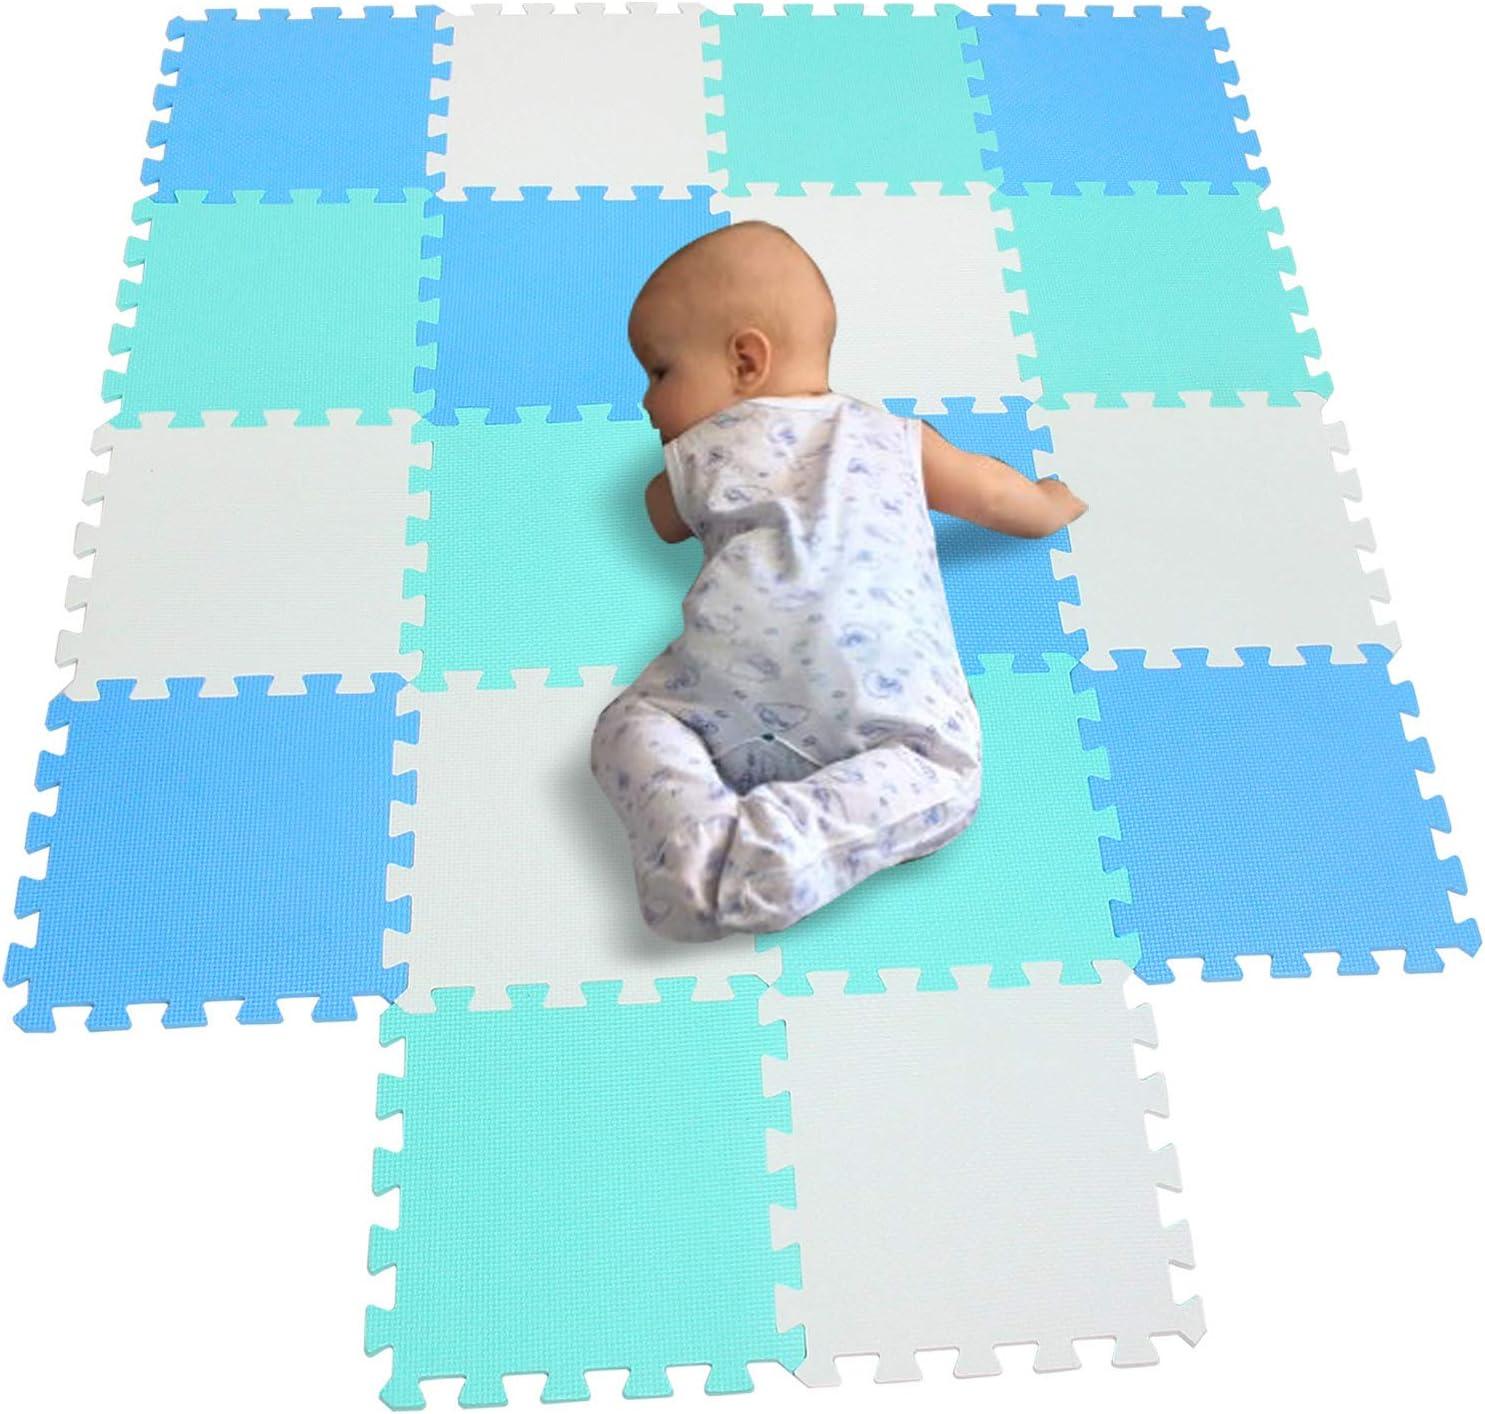 BUCHAQIAN Neue Kinder Baby Eva VERRIEGELUNGSSTOFFSCHAUM AKTIVIT/ÄT SPIELMATTE Set Fliesen Boden 9 ST/ÜCK Interlocking A0